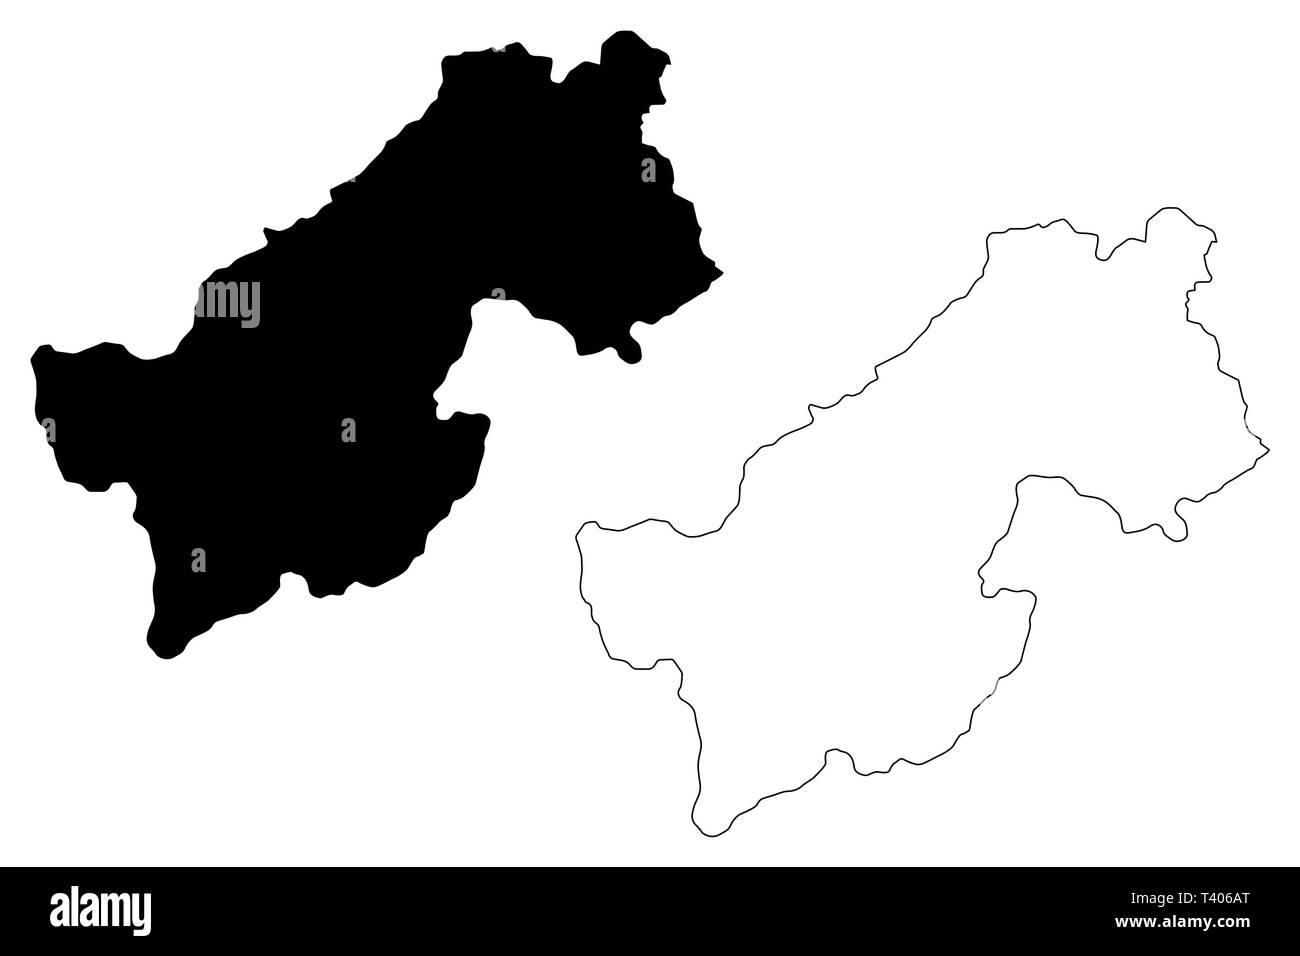 Karte Afghanistan Provinzen.Provinz Paktia Islamische Republik Afghanistan Provinzen